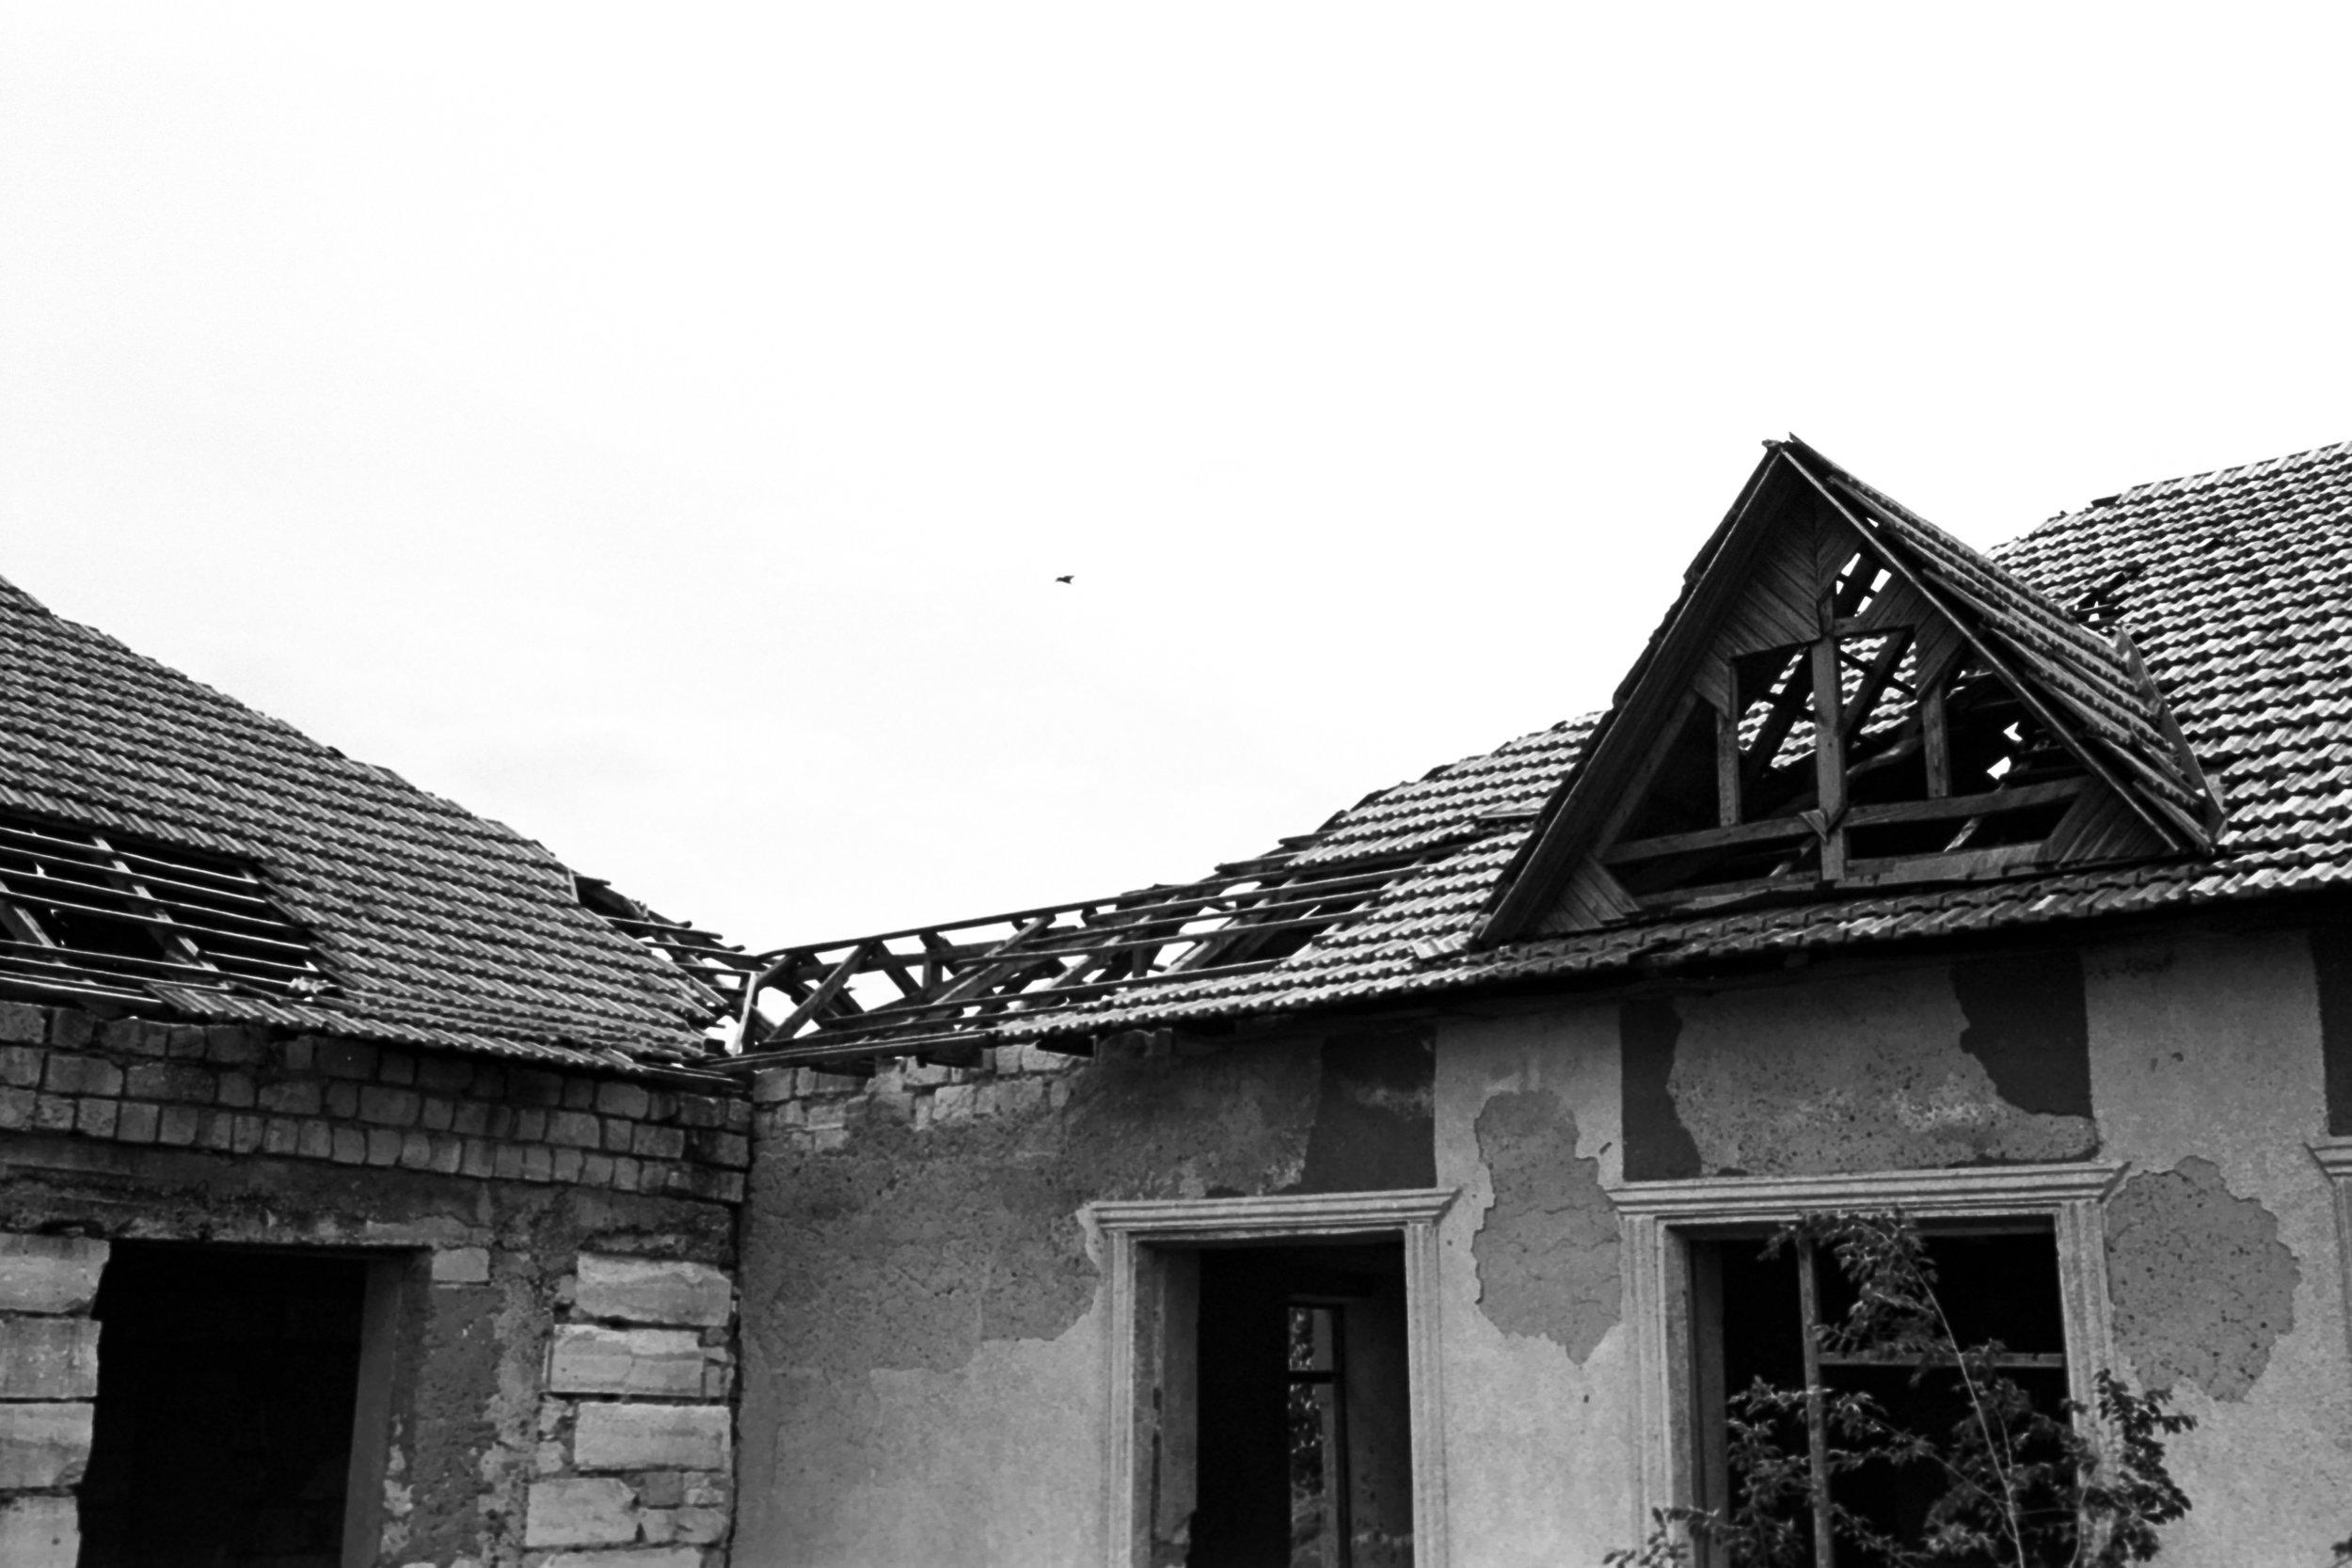 Pohrebeni, Moldova, 2016